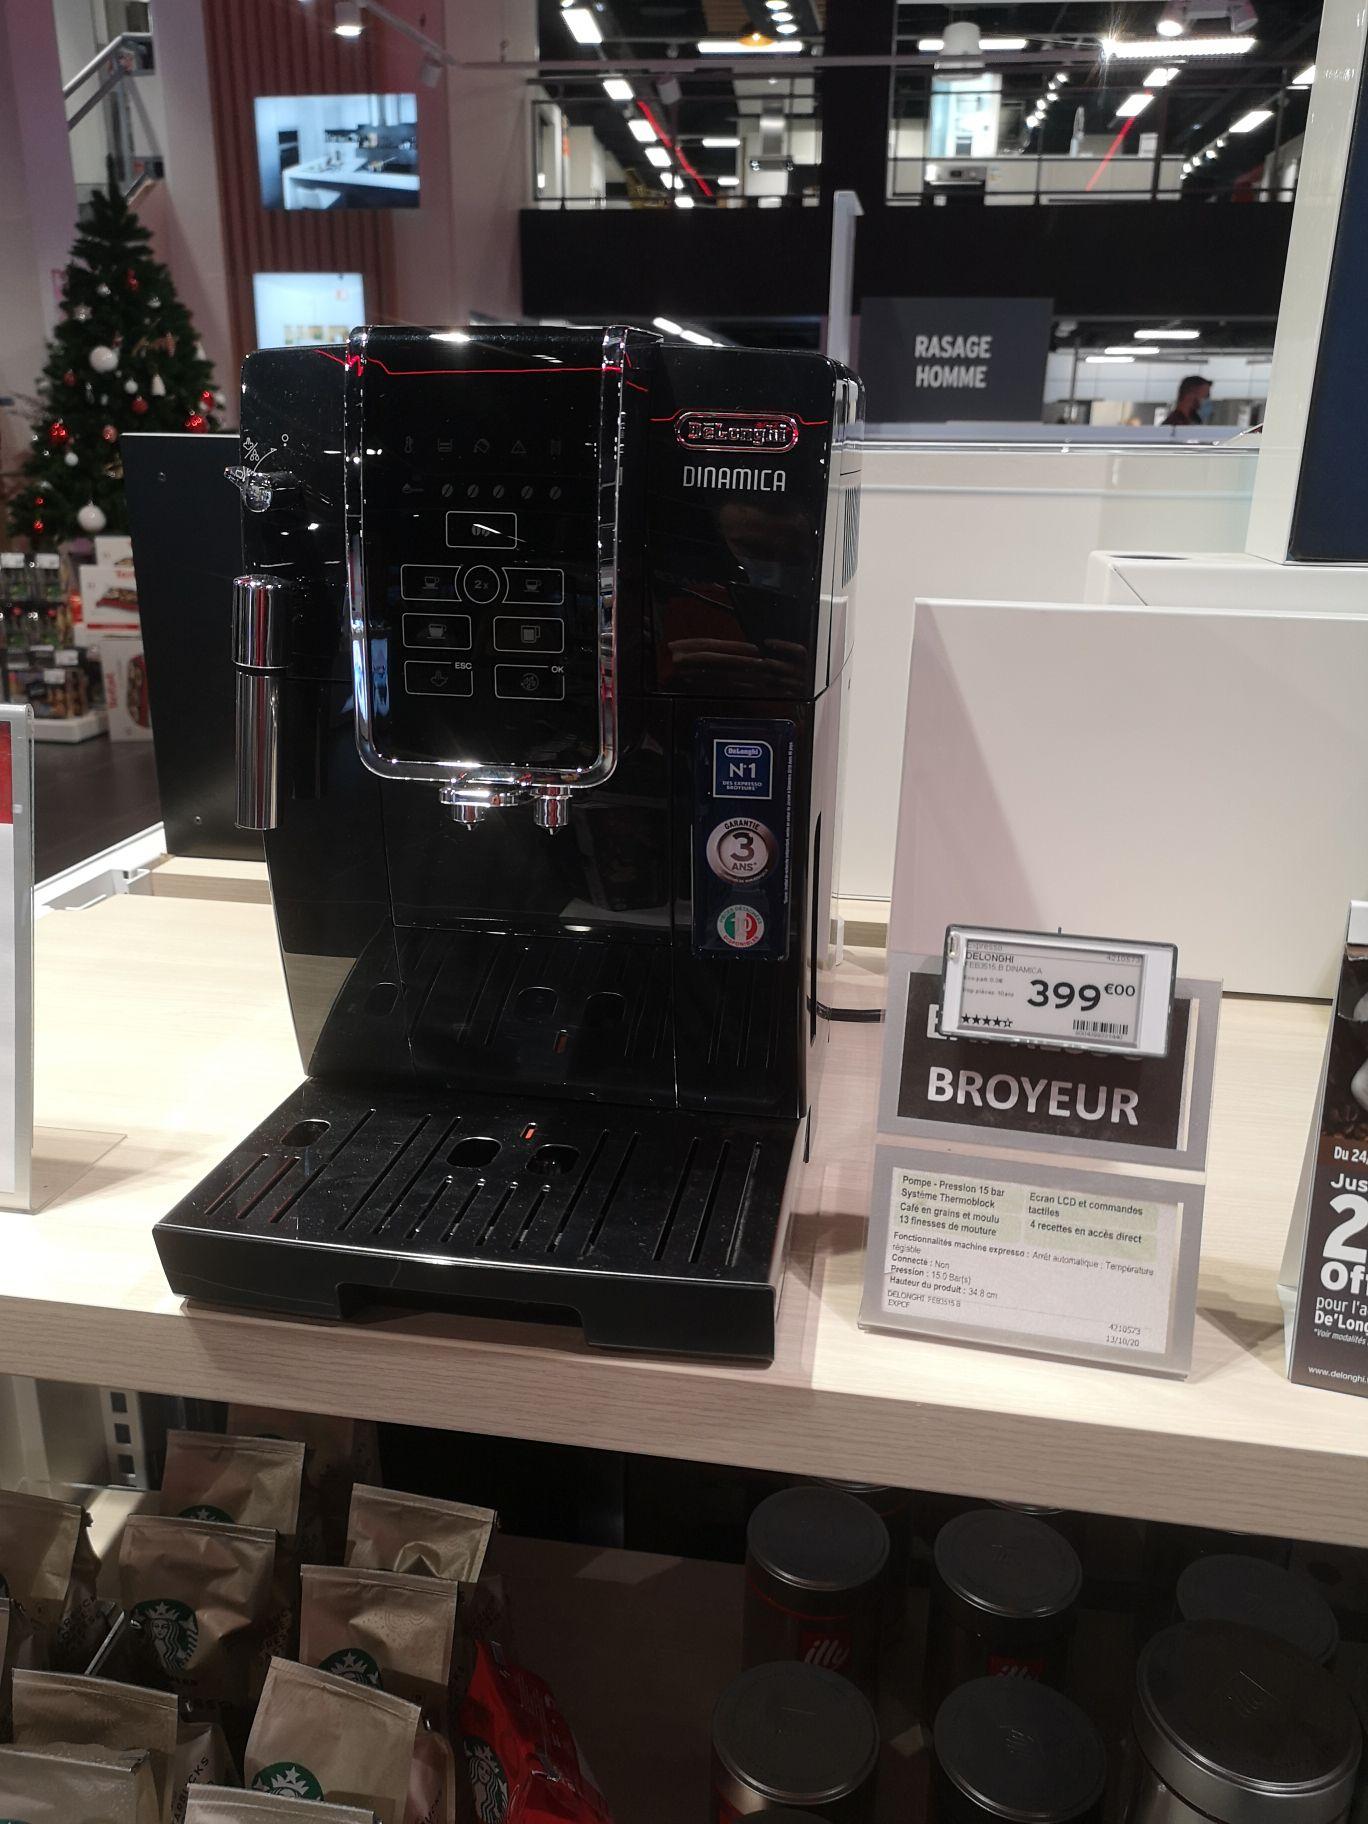 Machine à café automatique Delonghi Dinamica FEB 3515 - Le Havre (76)